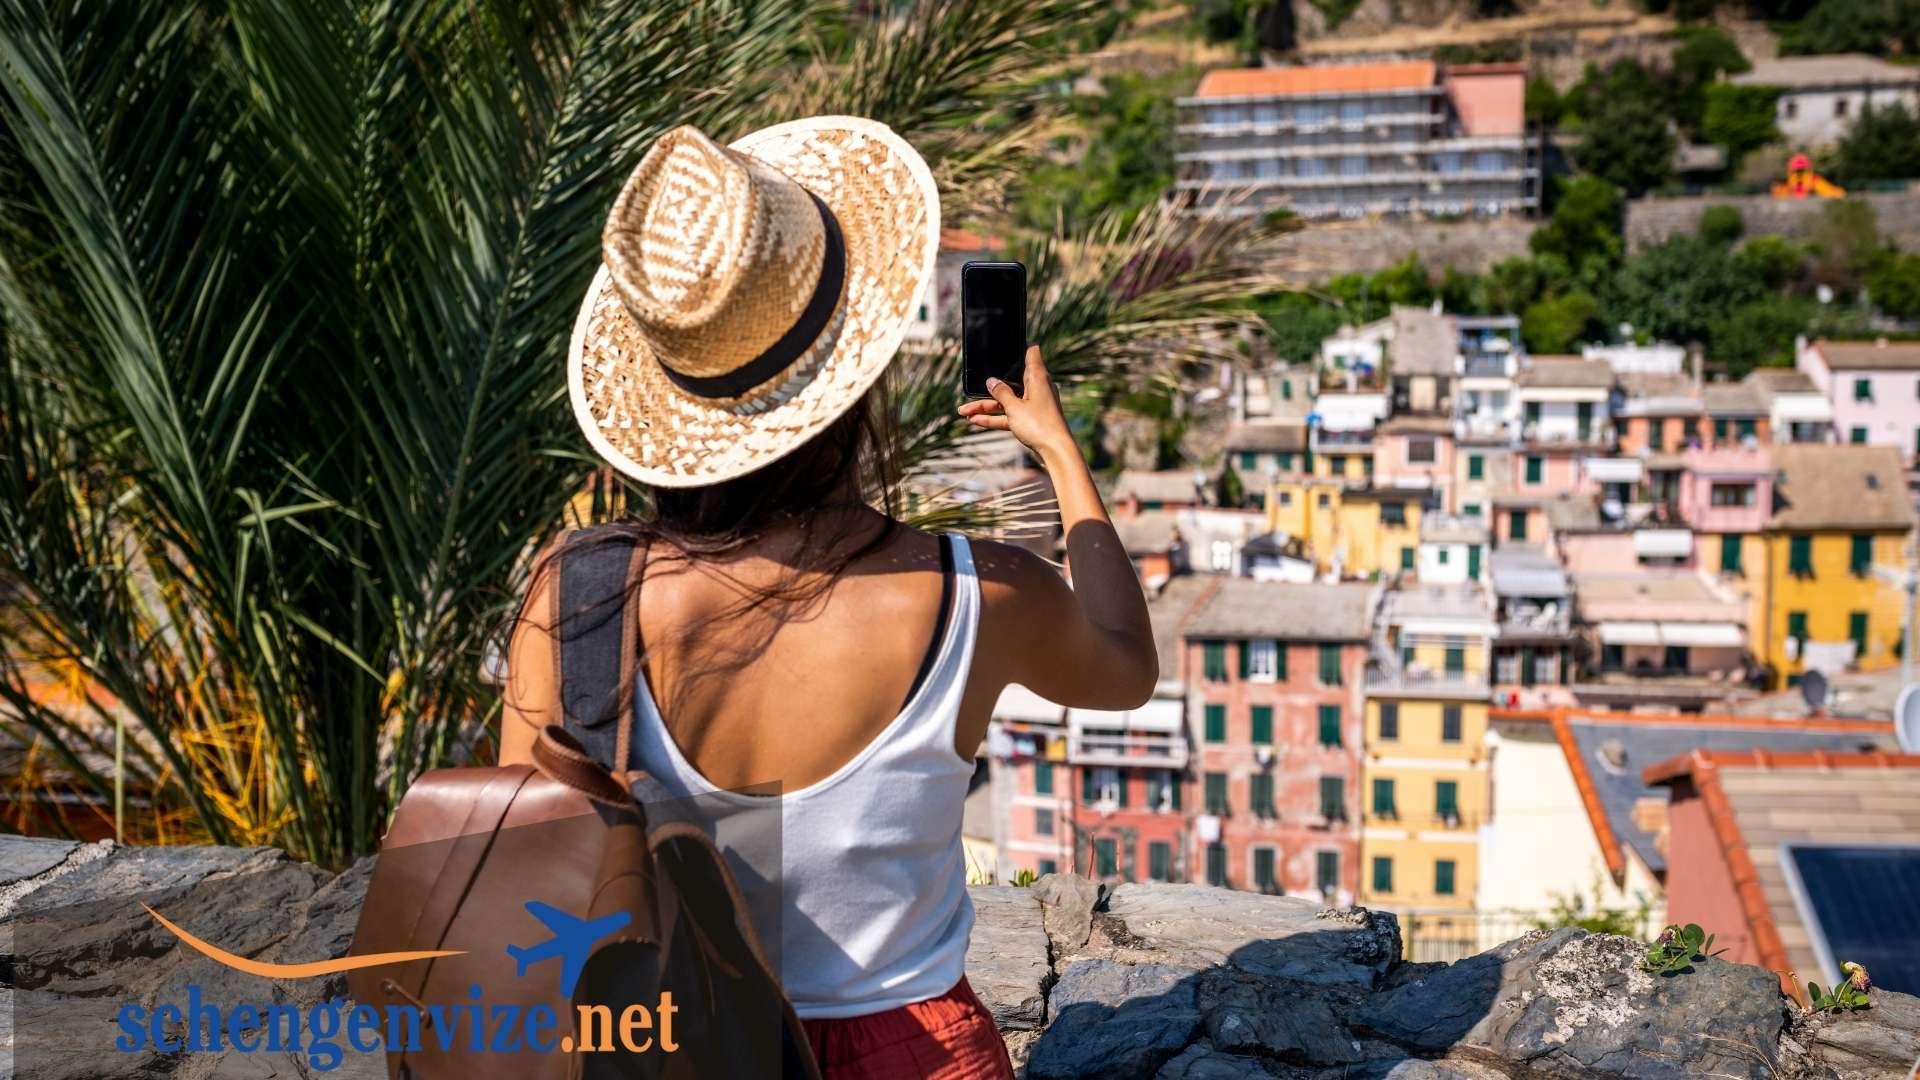 İtalya Turistik Vize Önemli Detaylar 2021